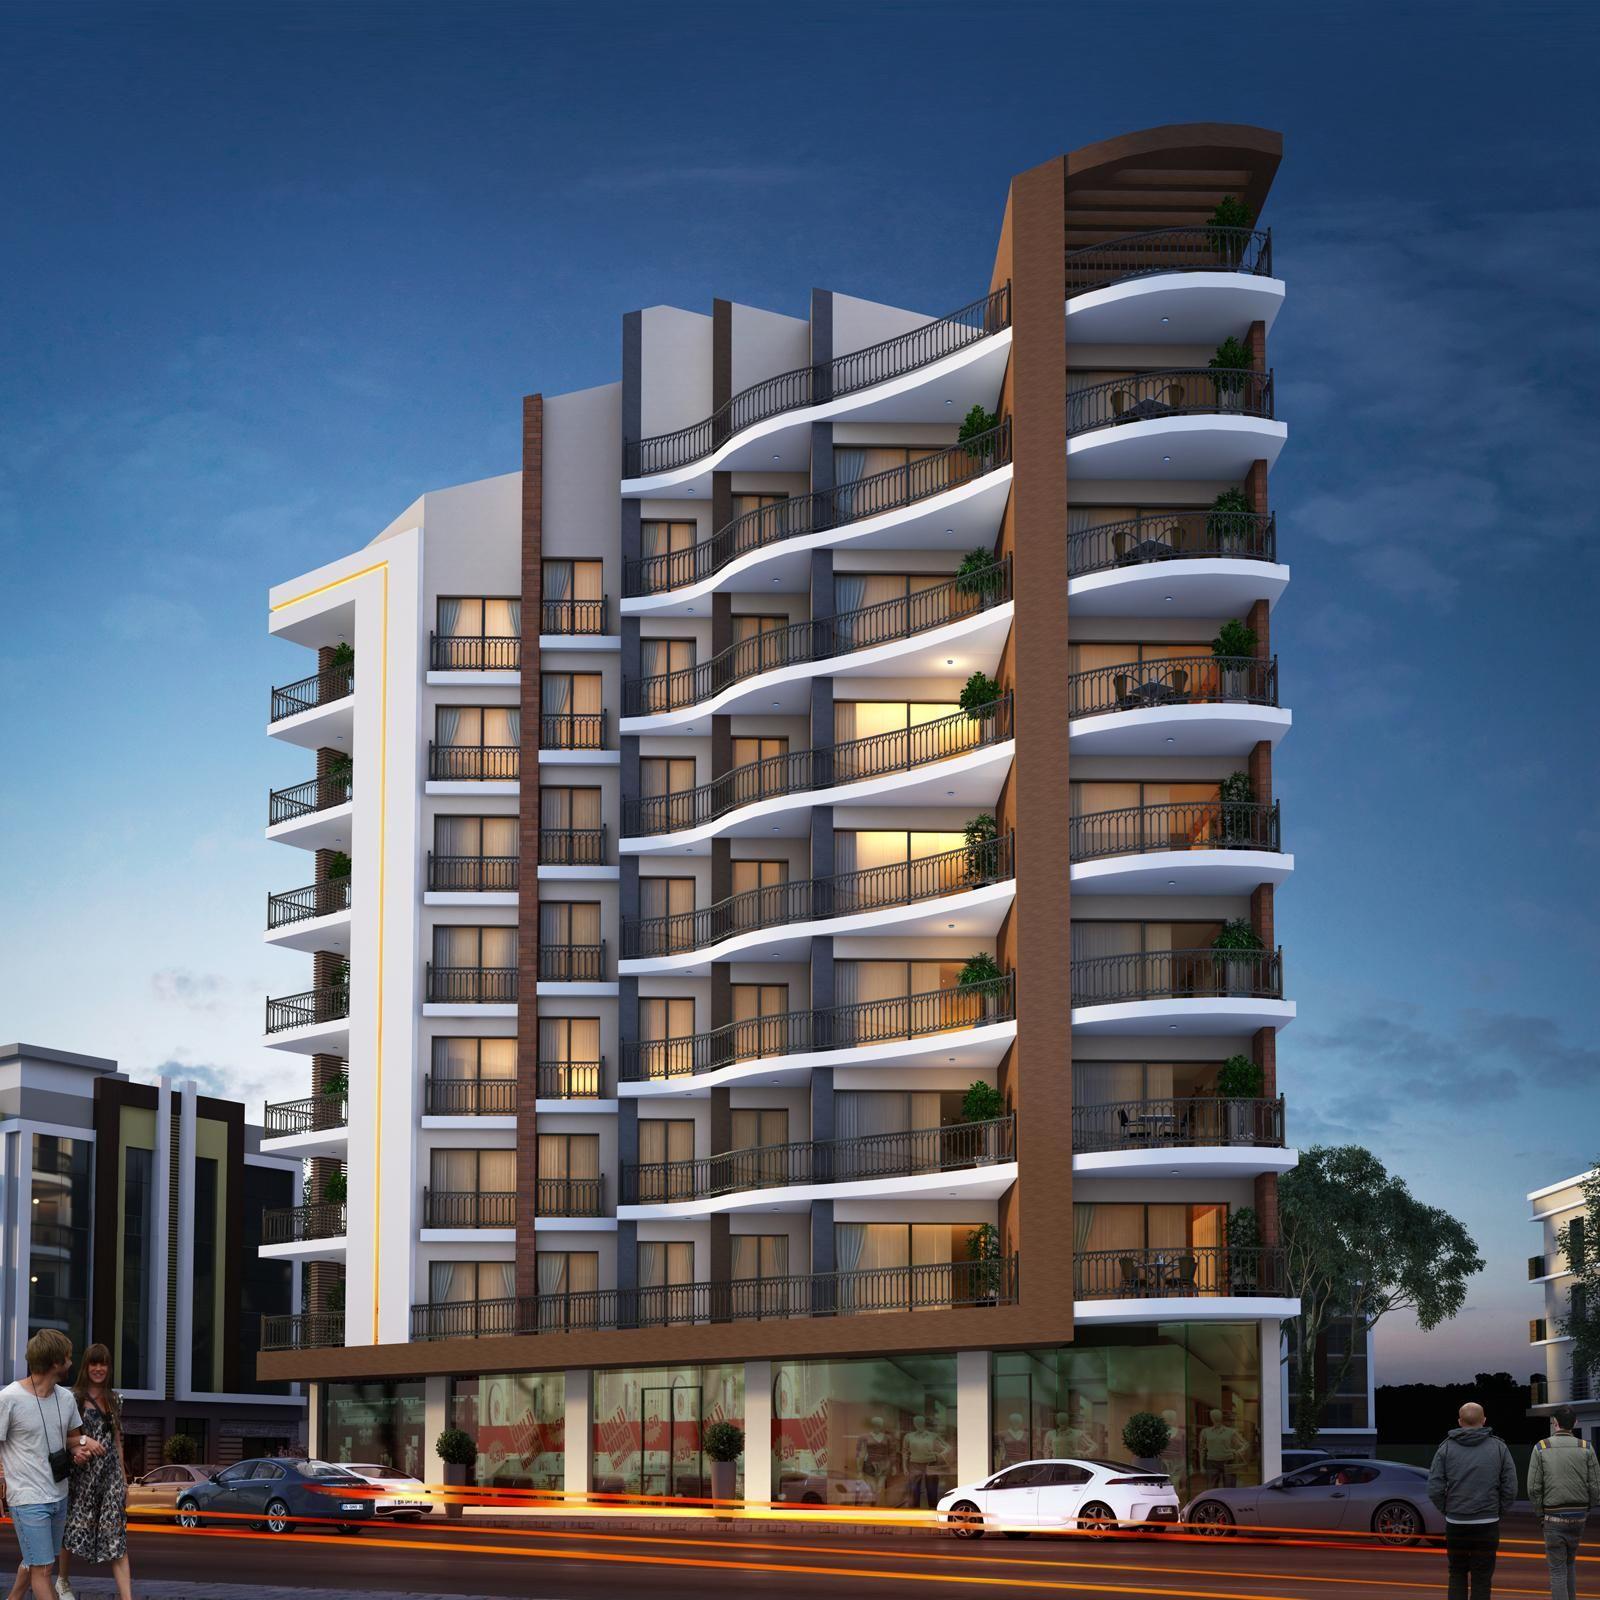 mimarlk mimari cephe tasarm 3d building design facade architecture architectural - 3d Building Designs